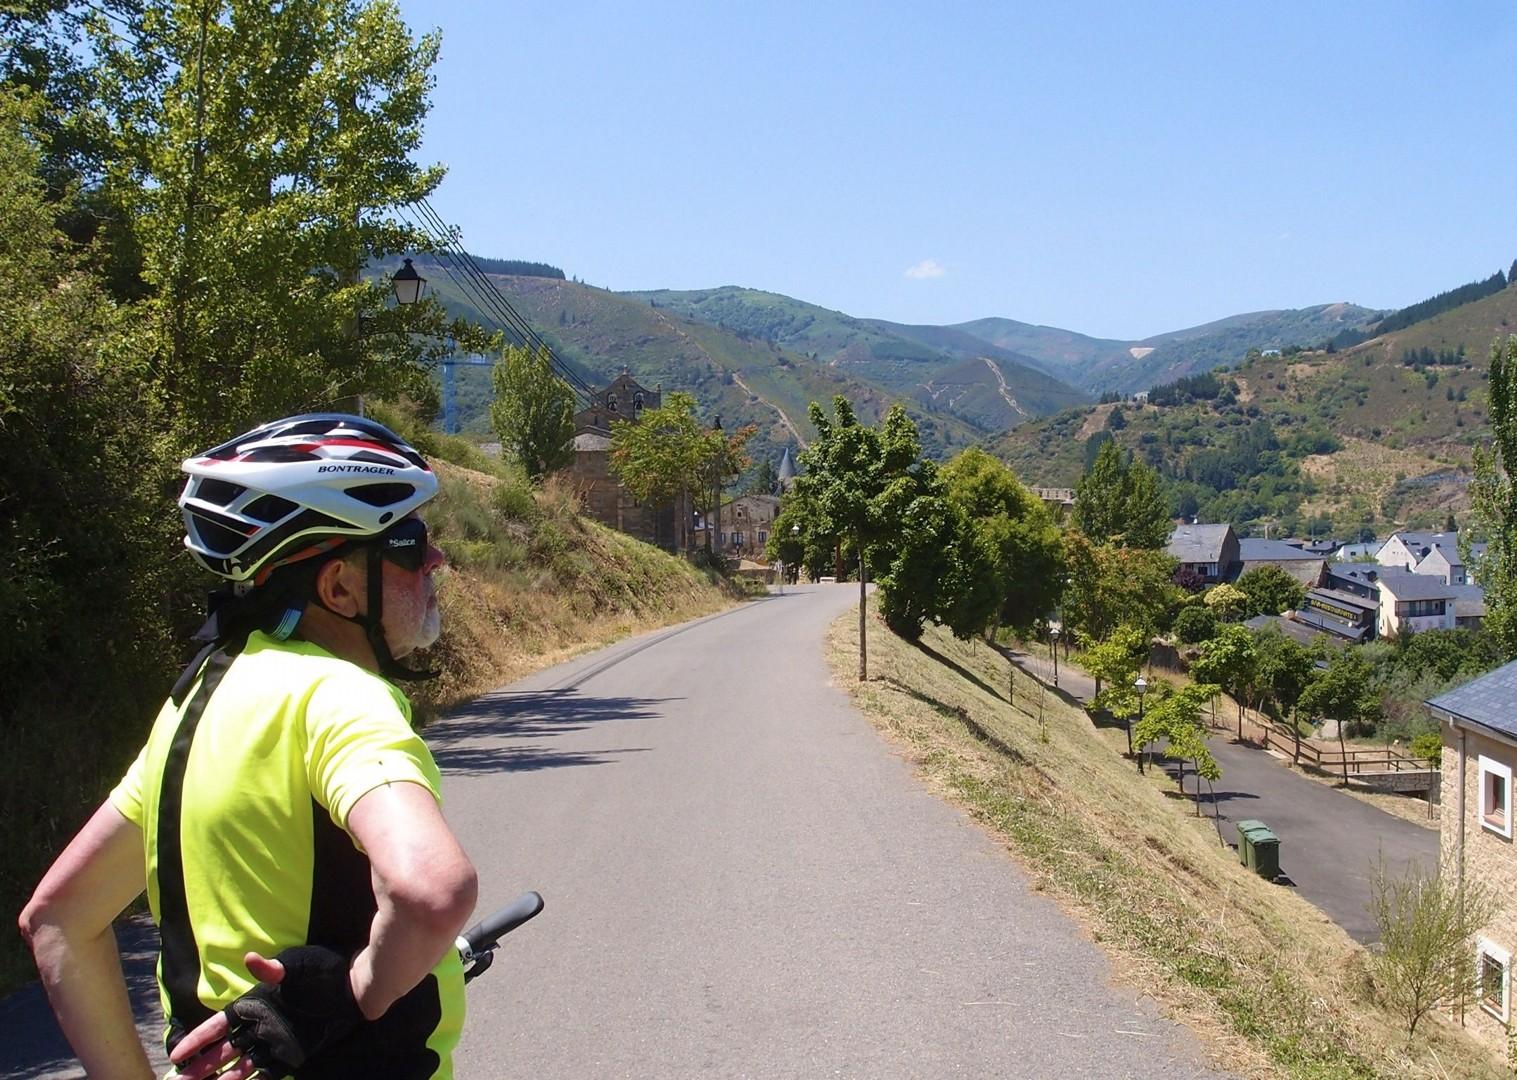 Riojanrolling19.jpg - Northern Spain - Rioja - Ruta del Vino - Guided Road Cycling Holiday - Road Cycling